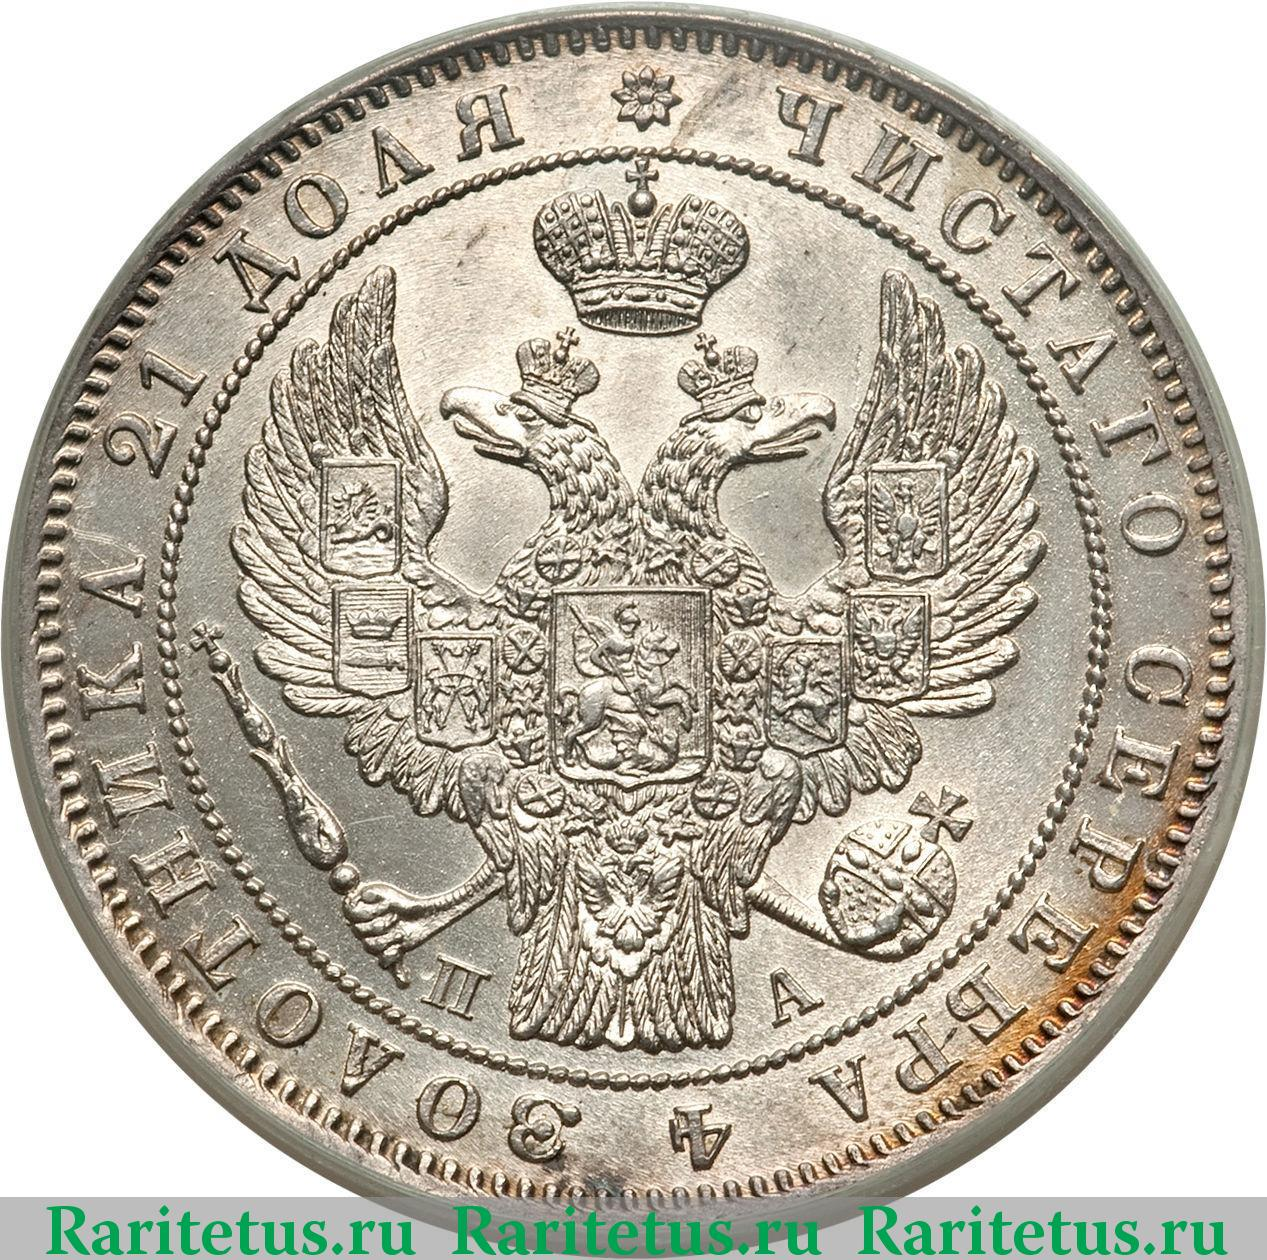 Монета рубль 1847 спб цена защита денежных знаков